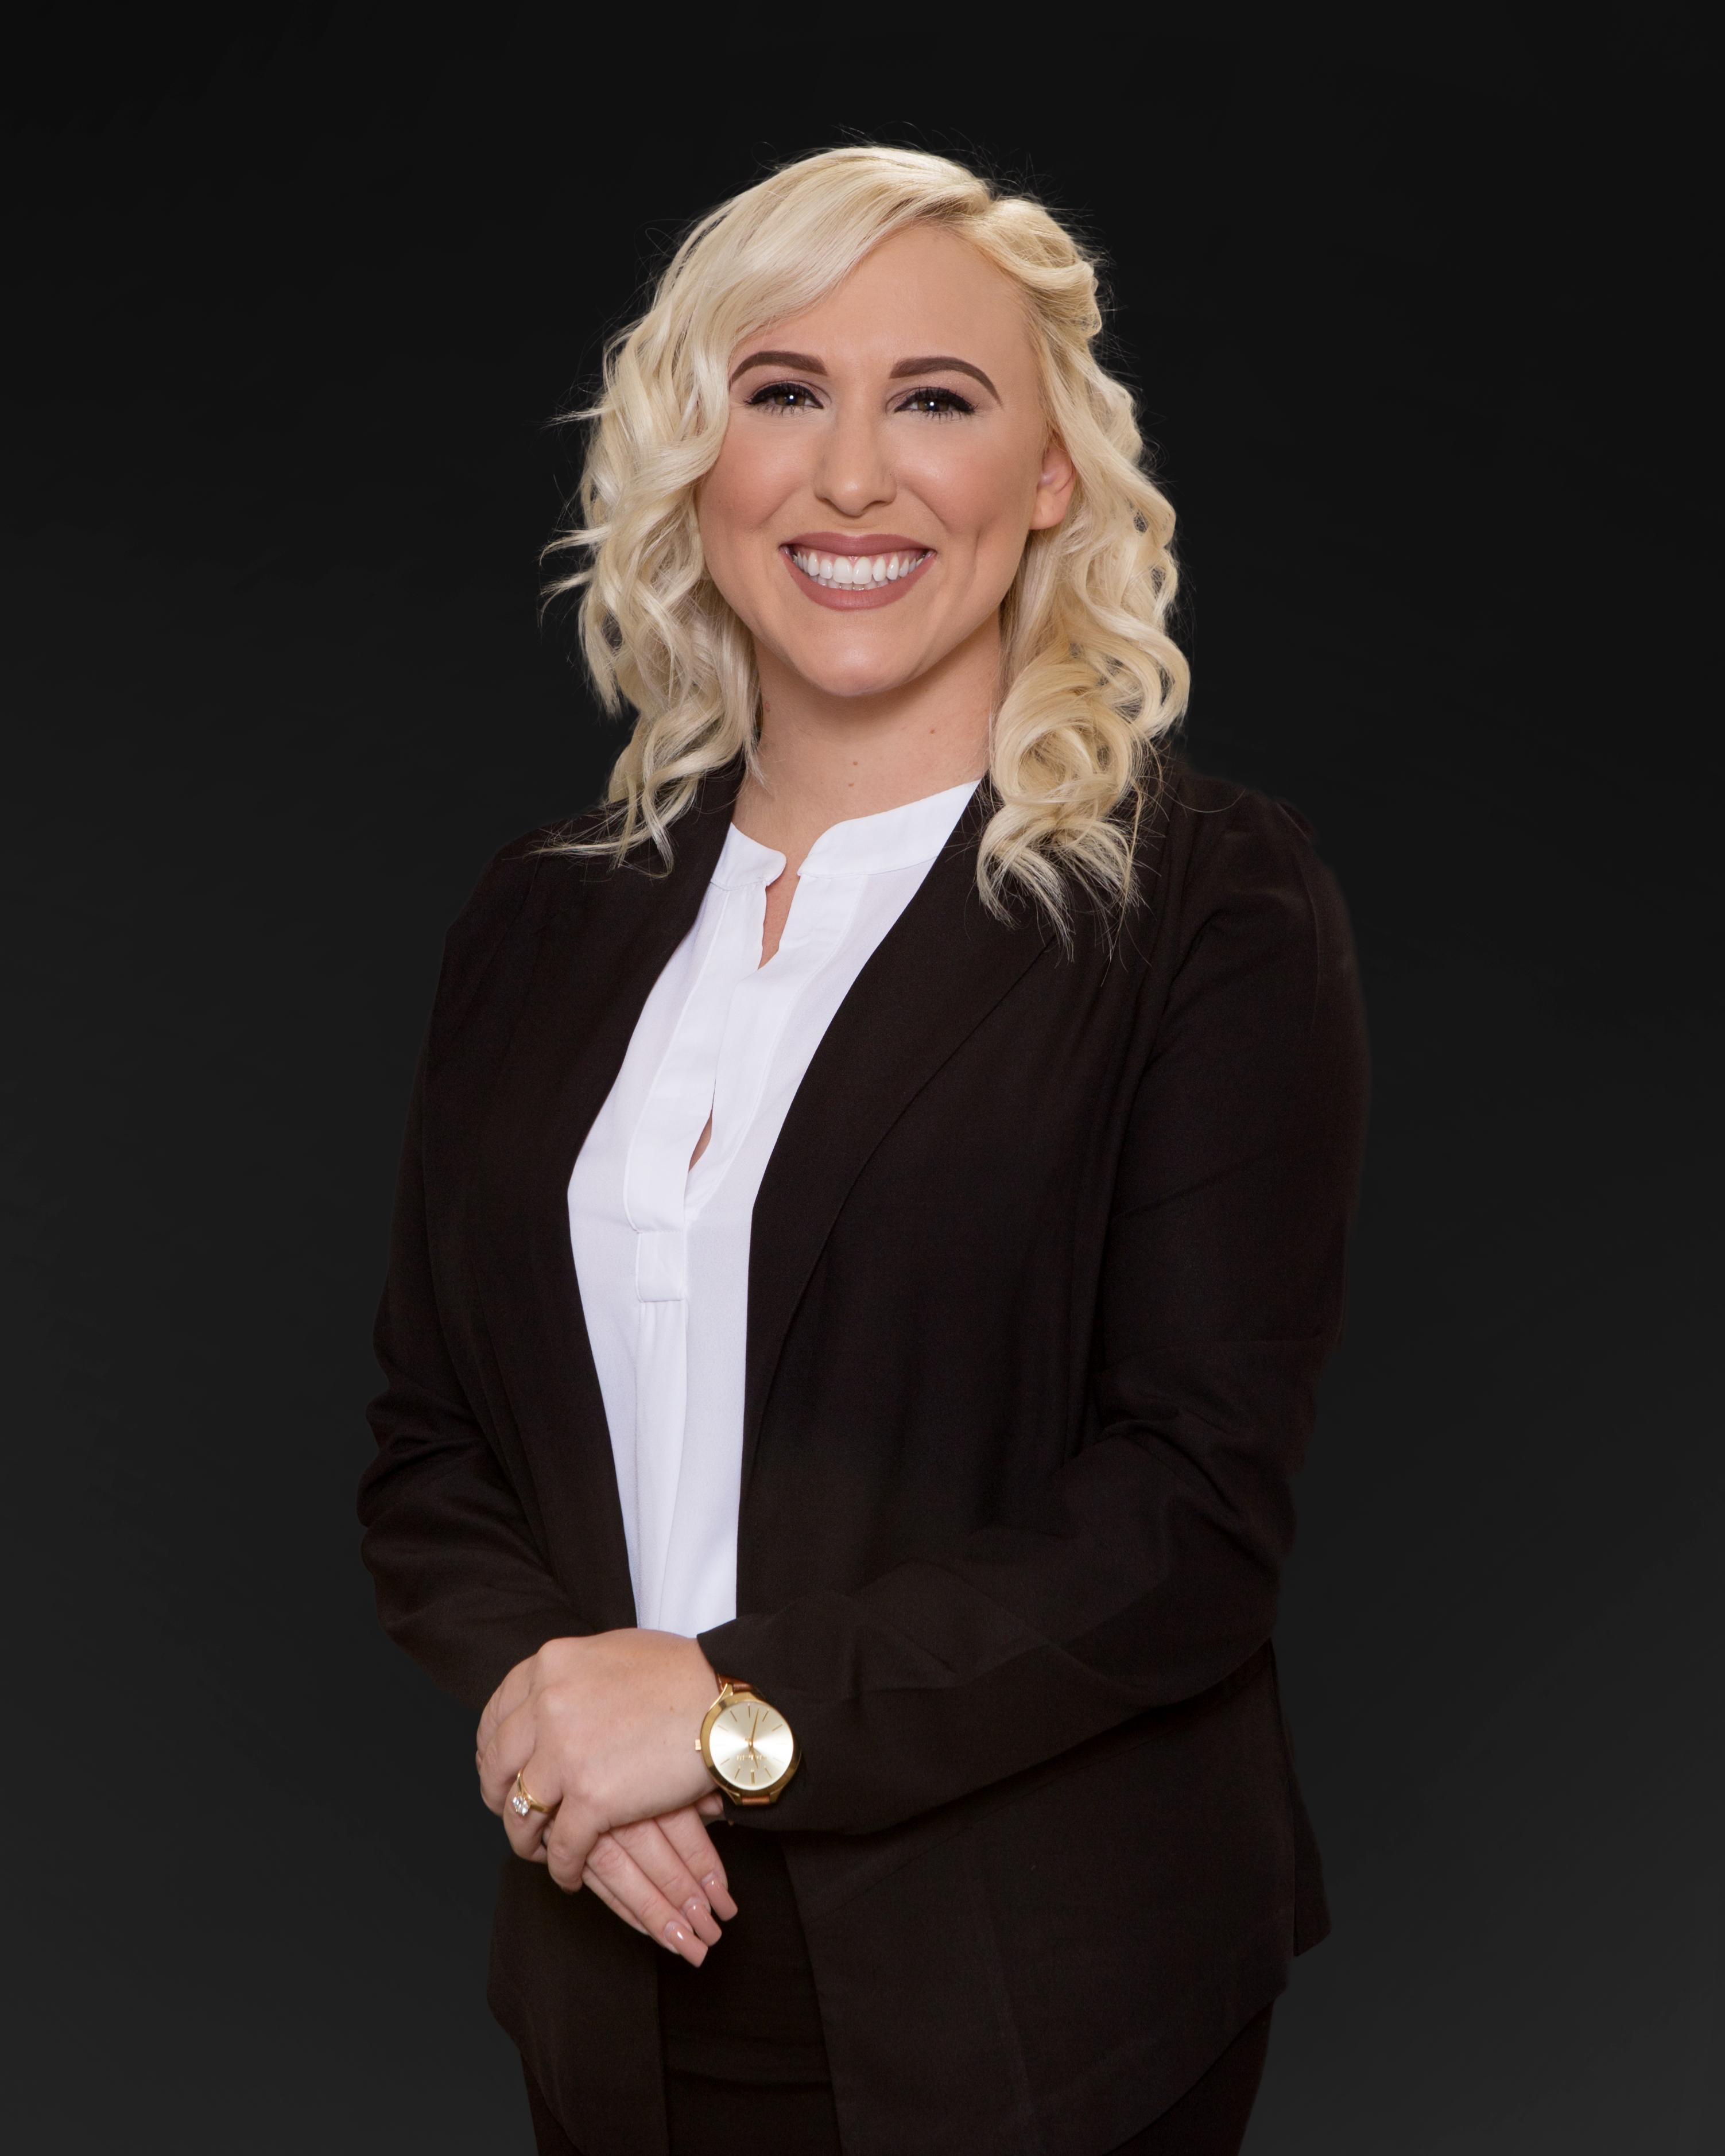 Sara Pizarro